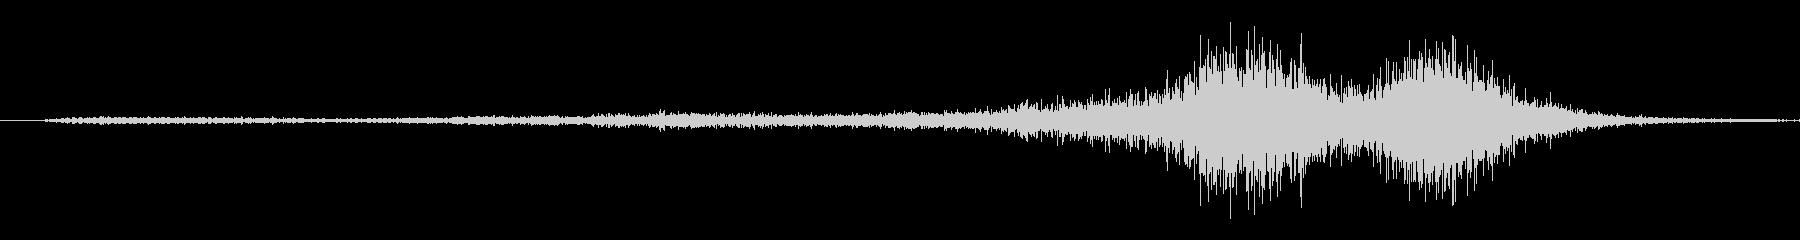 蹄EC04_69_5の未再生の波形